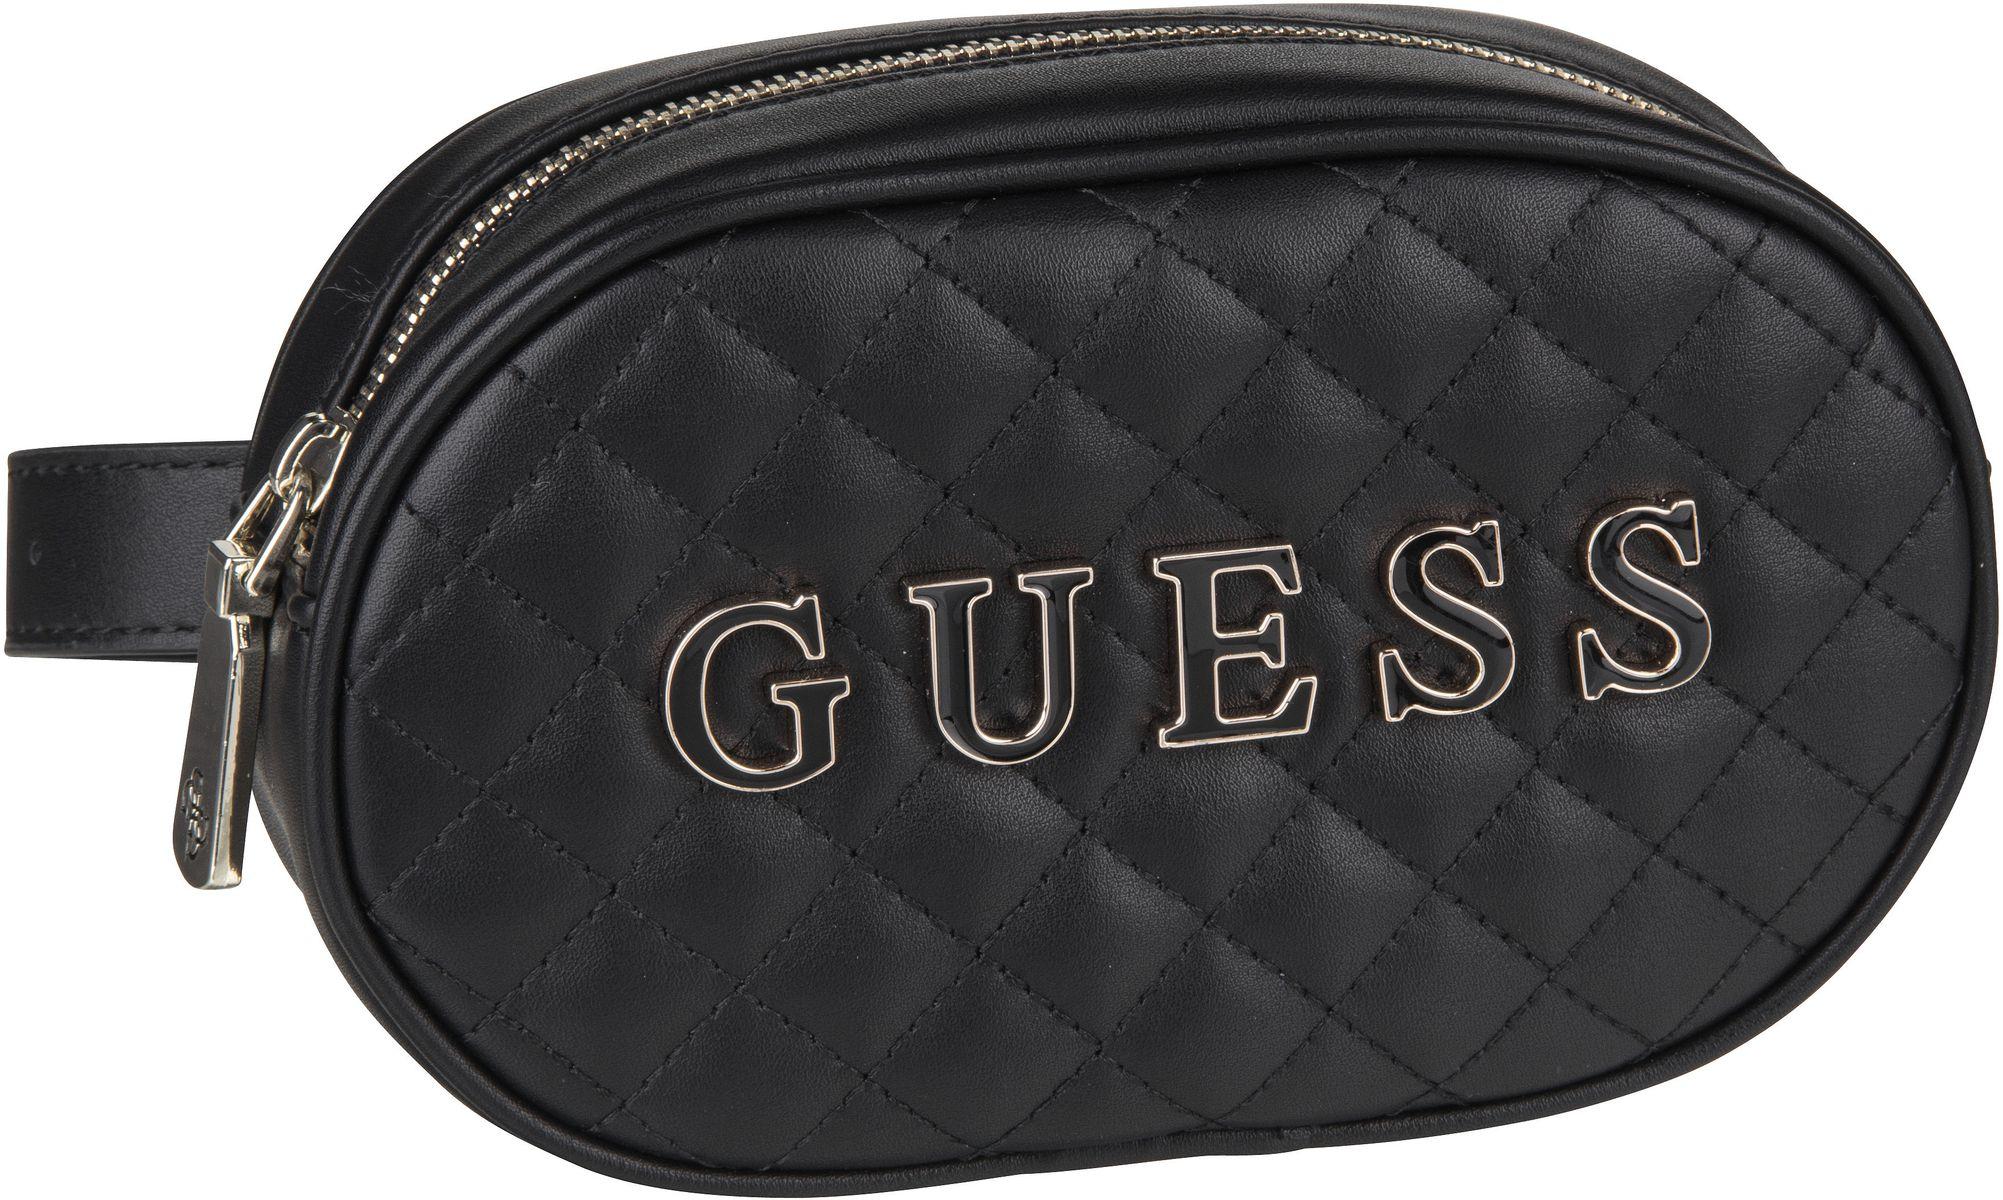 Kleinwaren für Frauen - Guess Gürteltasche Guess Passion XBody Belt Bag Black  - Onlineshop Taschenkaufhaus